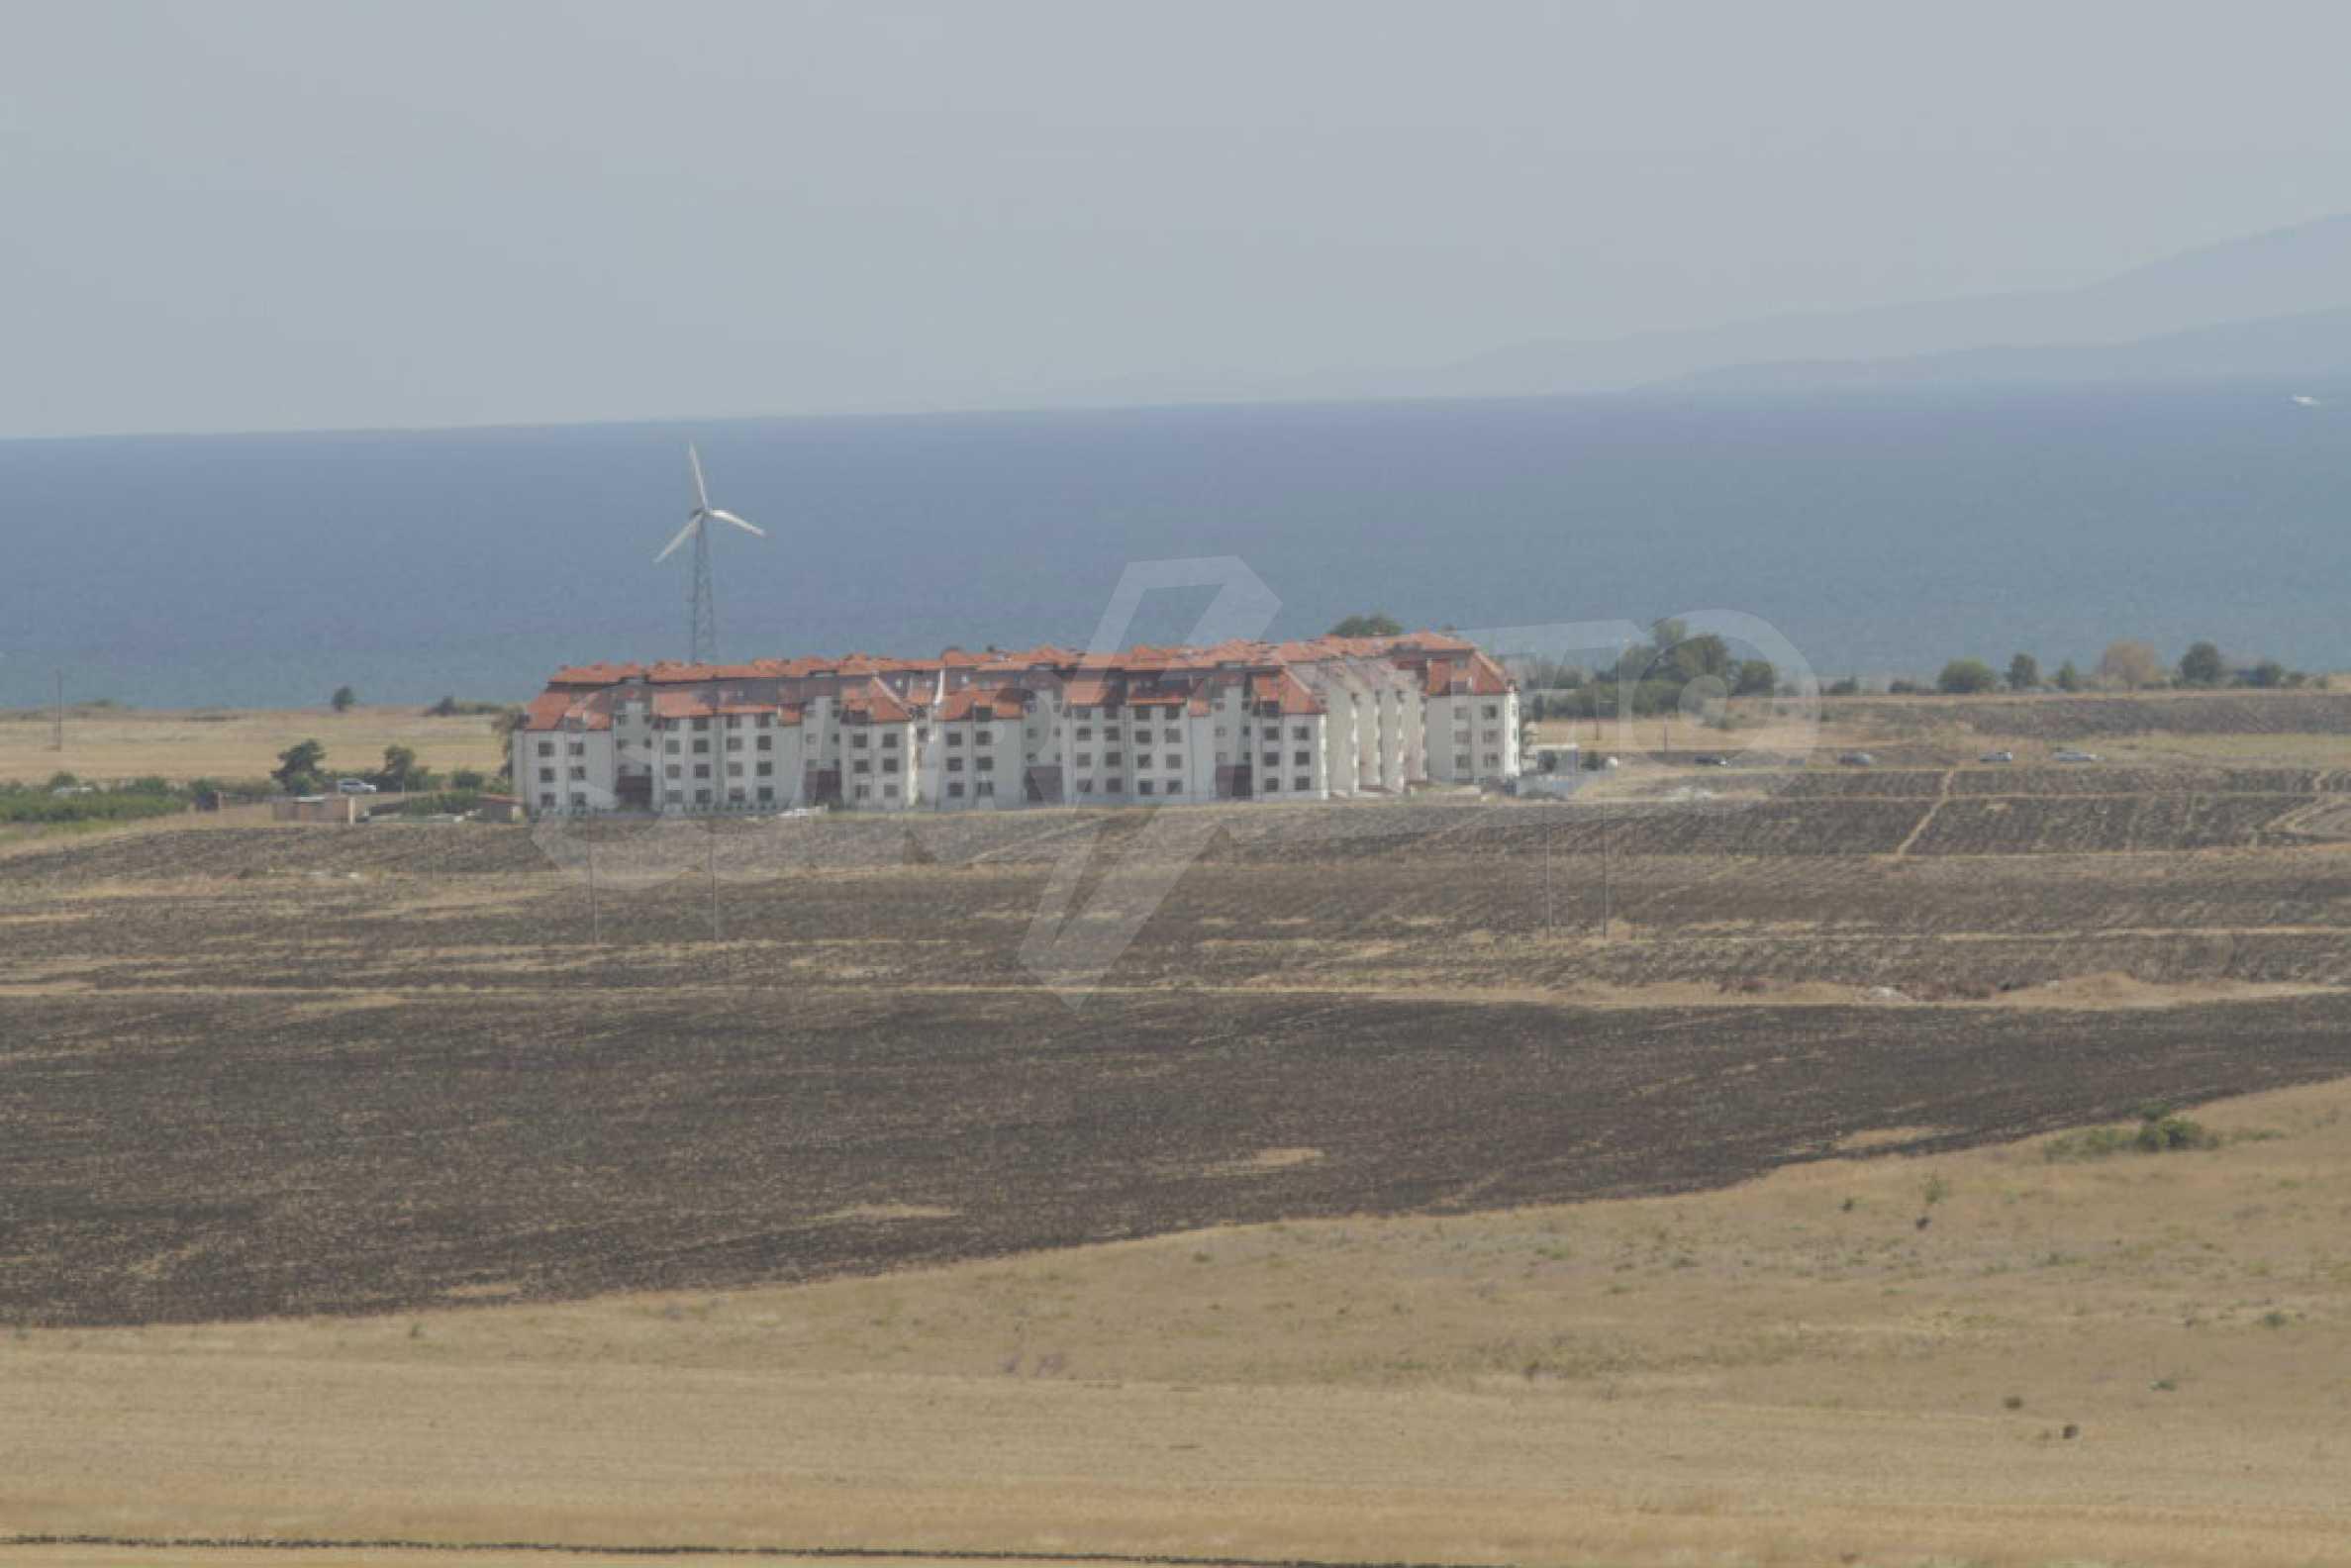 Attraktives Grundstück für Investieren in der Nähe des historischen Komplexes Aheloy 917 und Sonnenstrand, bei Tankowo und Aheloy 28